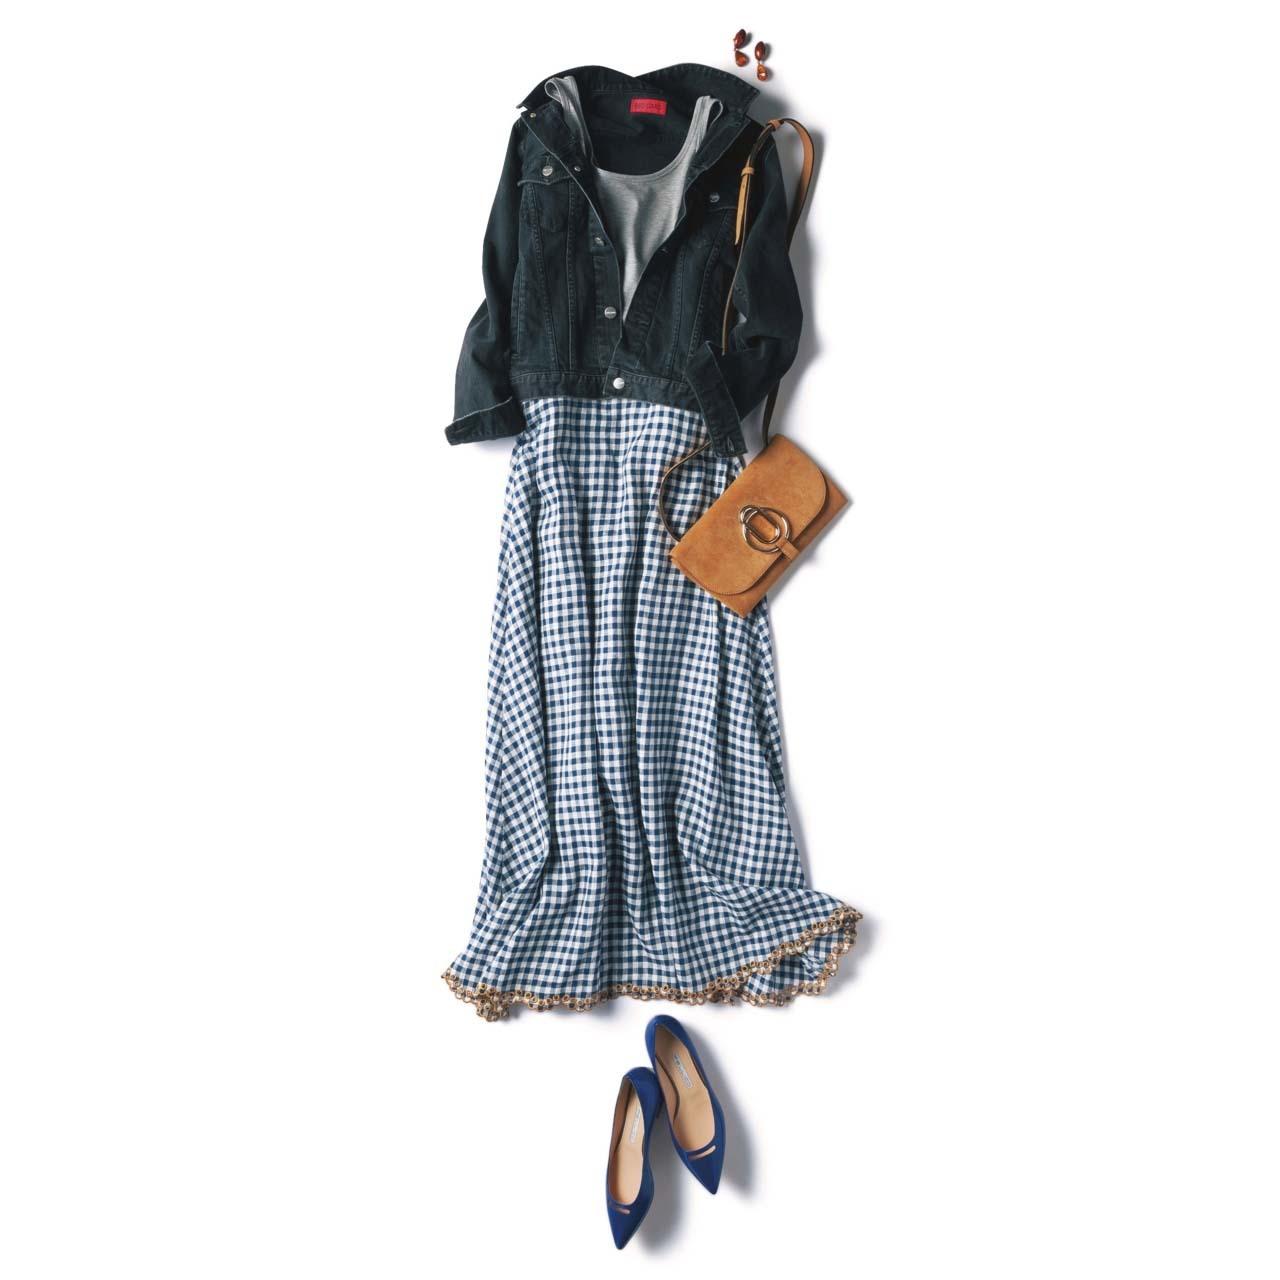 デニムジャケット×ギンガムチェックのマキシ丈スカートコーデ